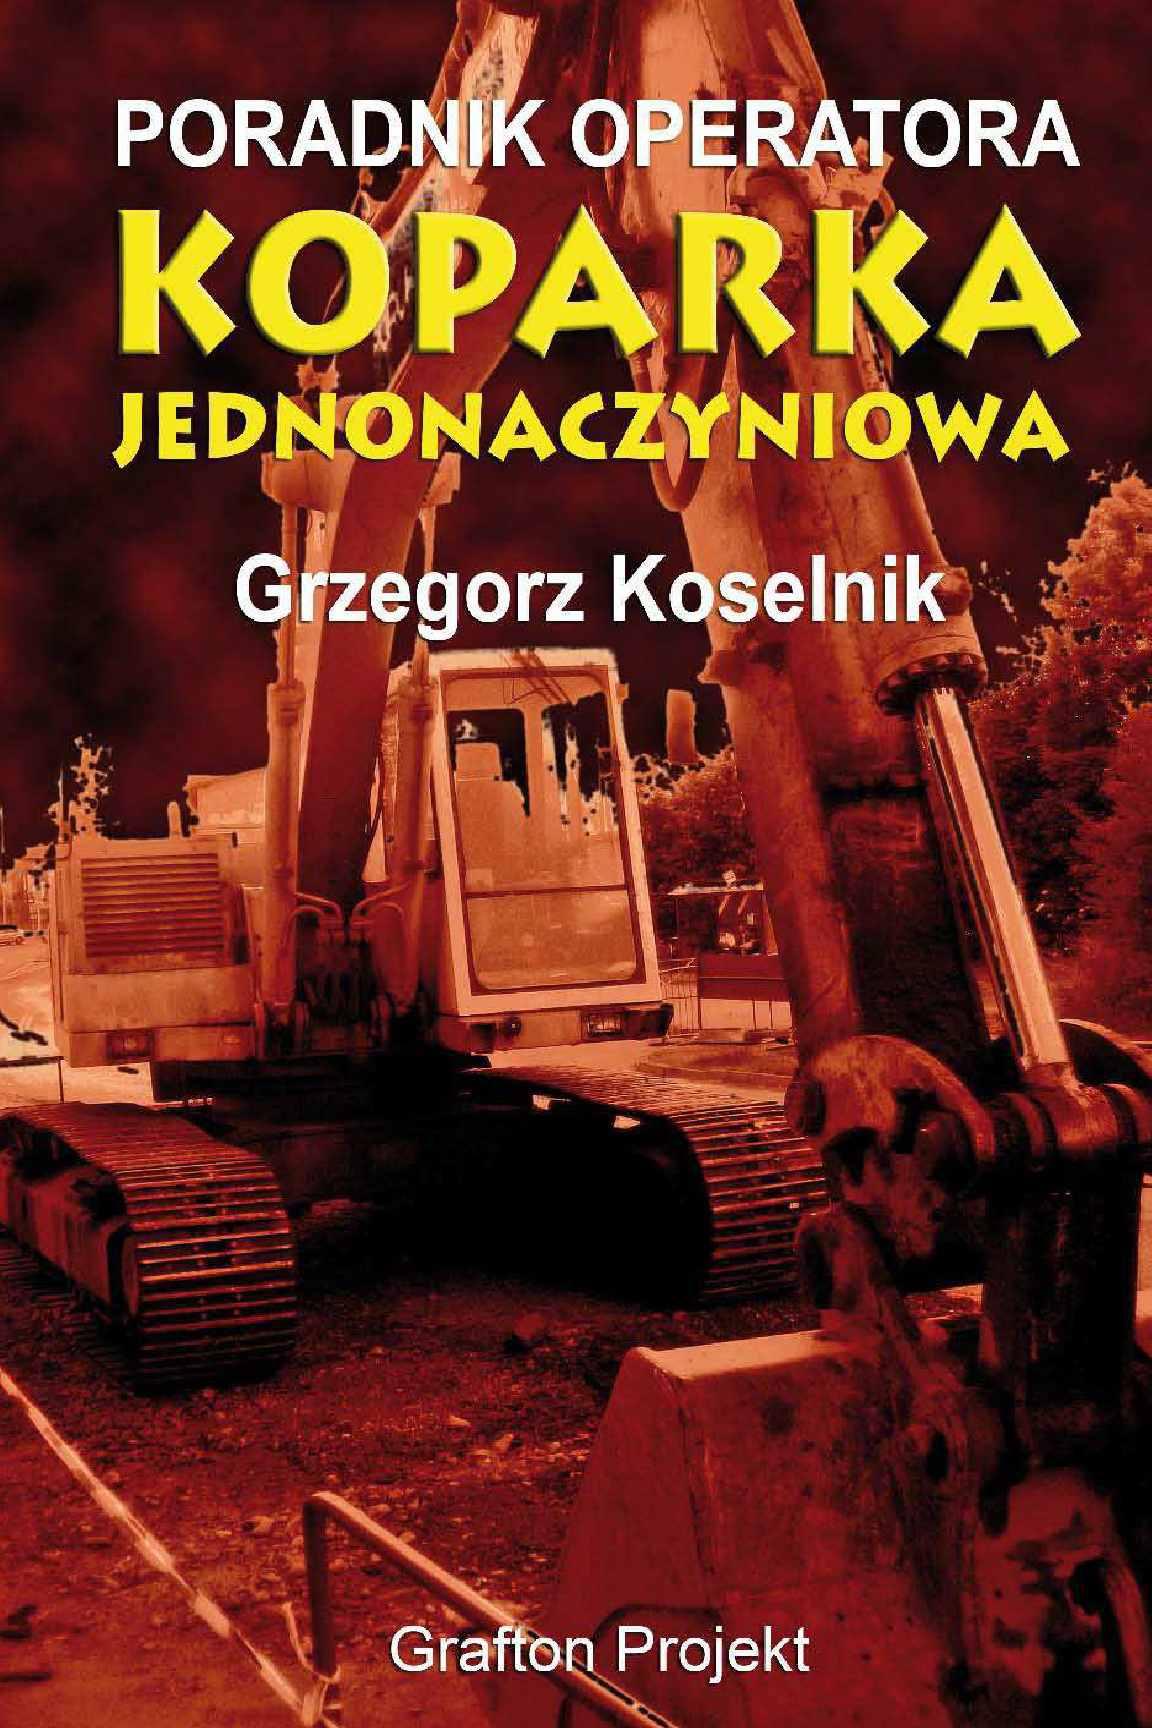 Poradnik operatora Koparka jednonaczyniowa - Ebook (Książka na Kindle) do pobrania w formacie MOBI